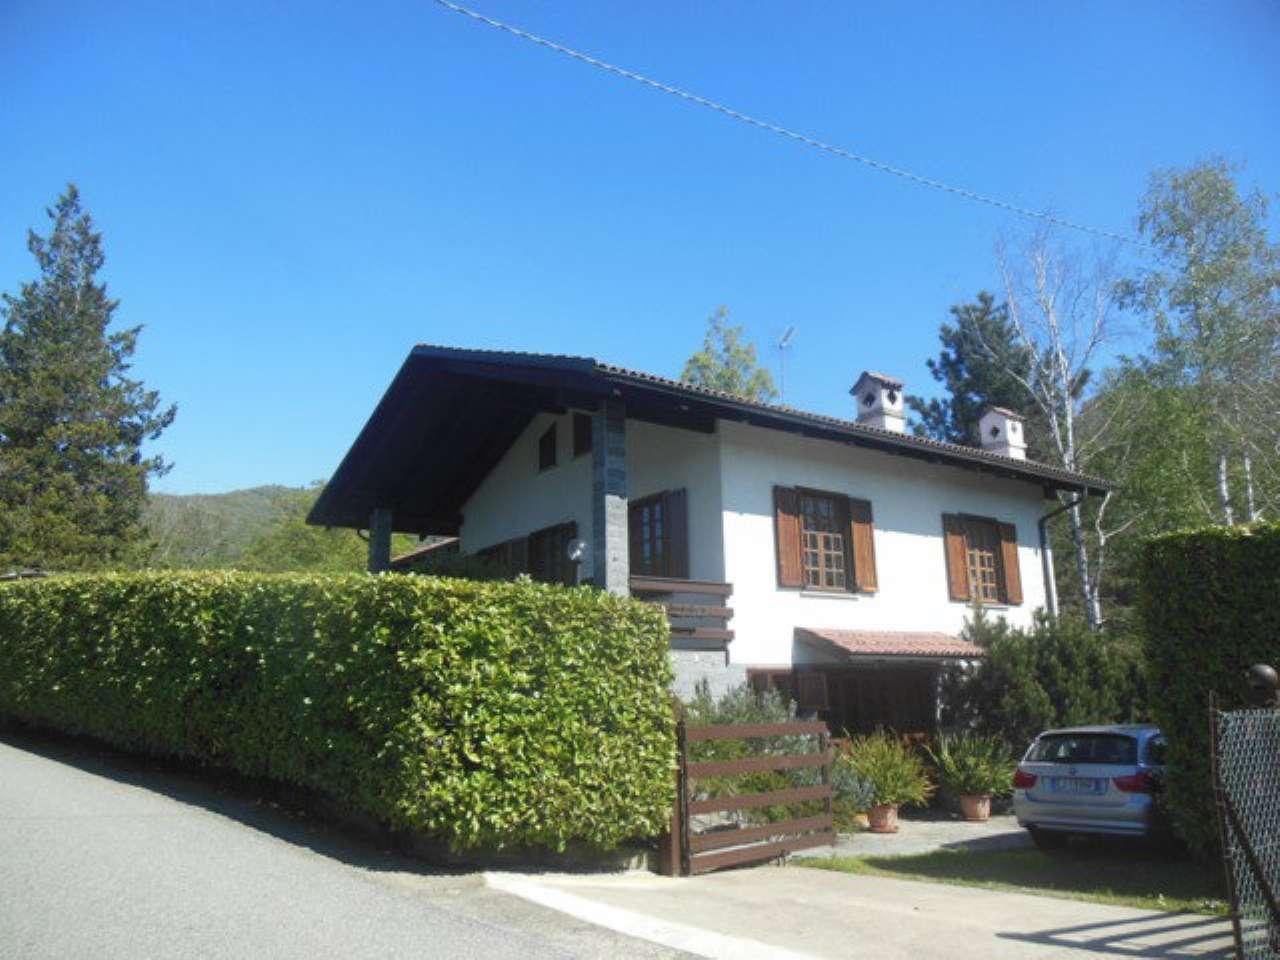 Soluzione Indipendente in vendita a Rocca Canavese, 5 locali, prezzo € 230.000   CambioCasa.it